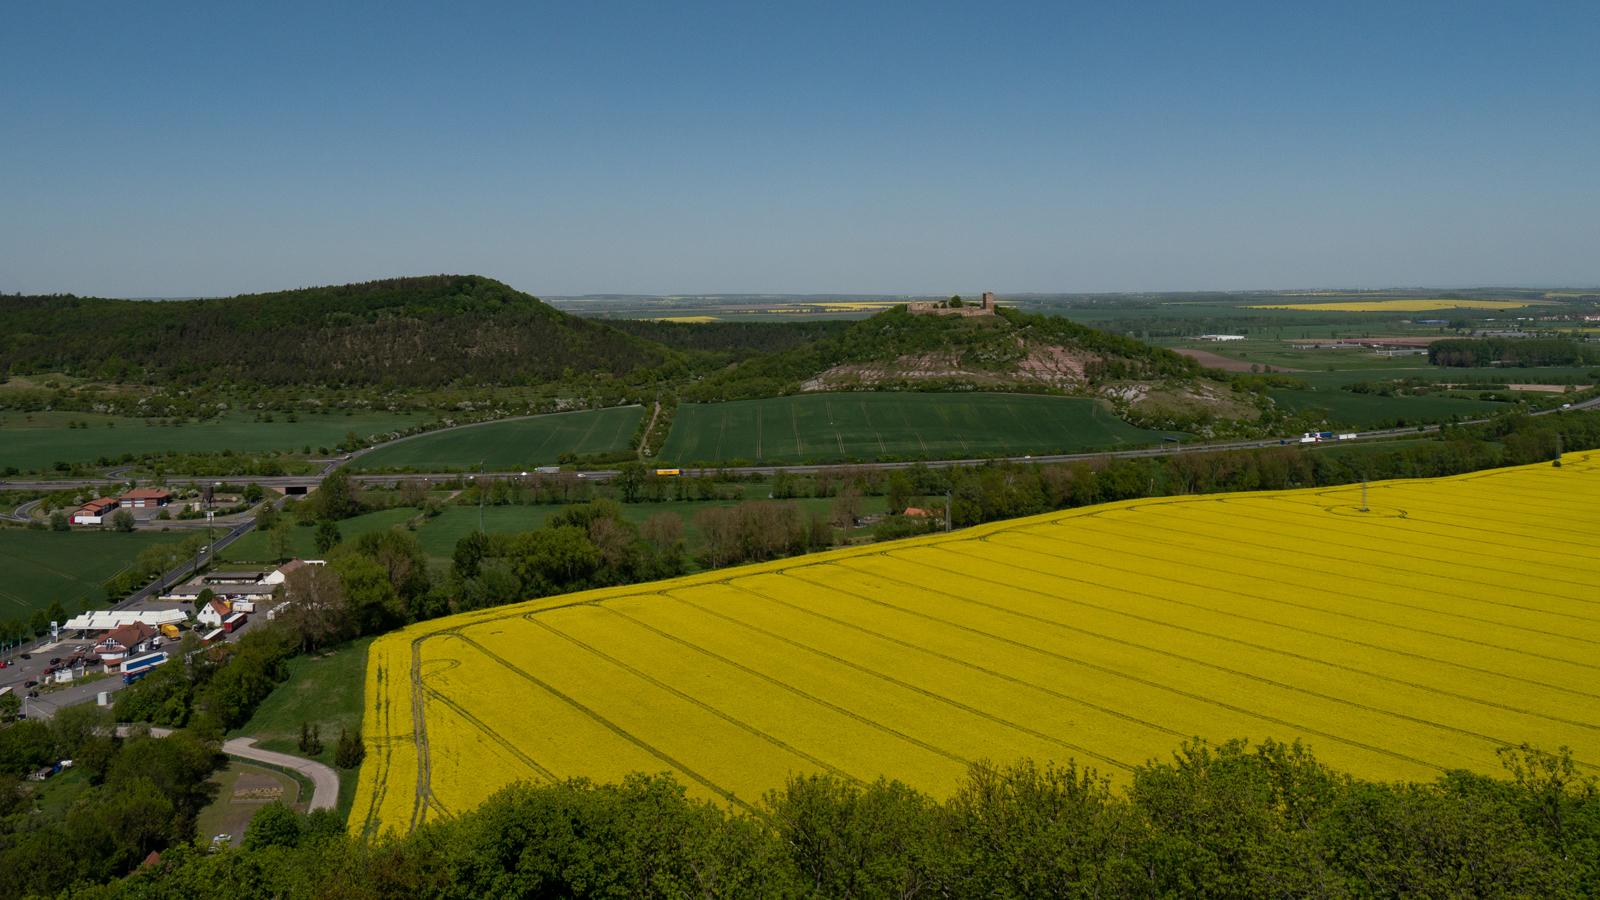 Und noch ein Blick vom Turm der Mühlburg - zum Kaffberg und zur Burg Gleichen